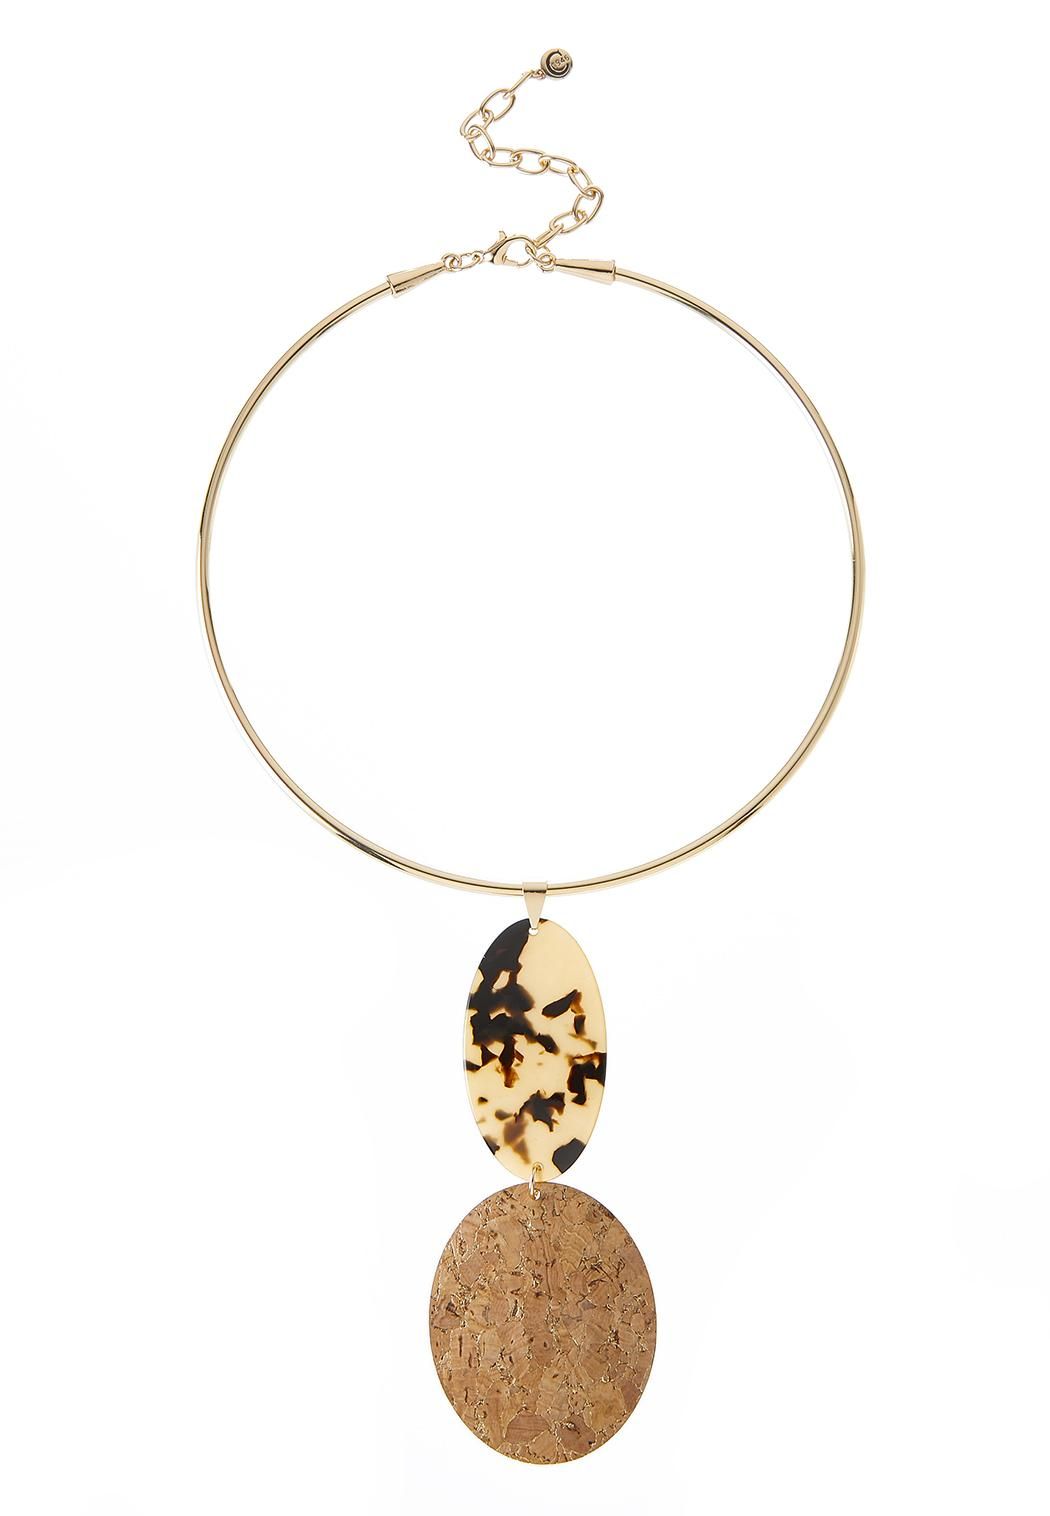 Lucite Cork Pendant Necklace